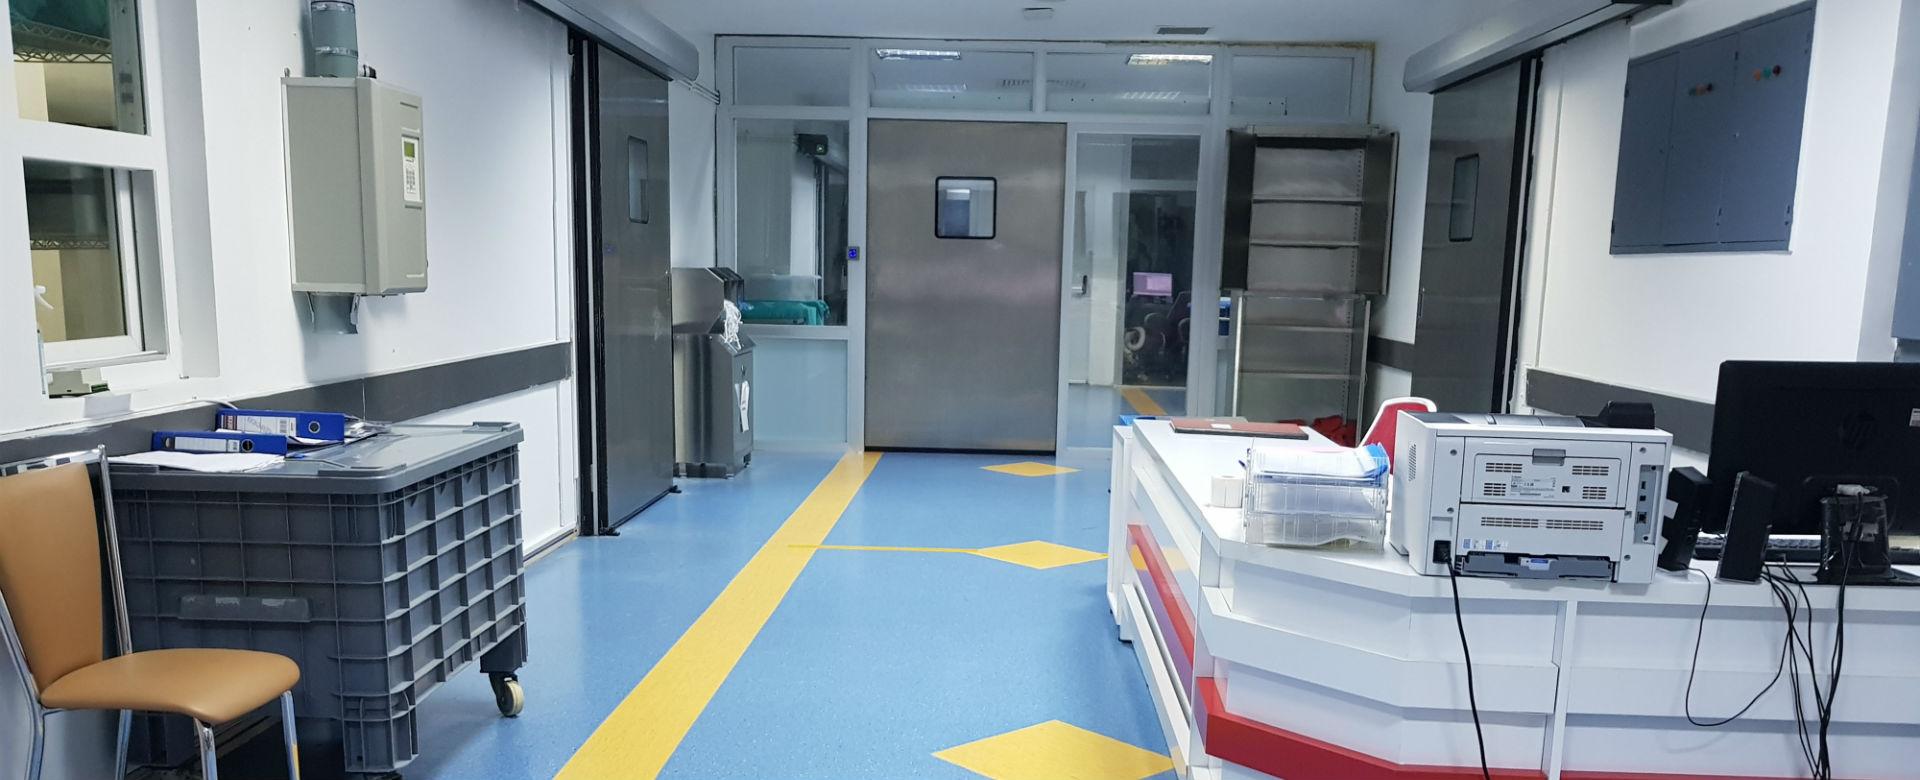 Hermetik Ameliyathane kapıları